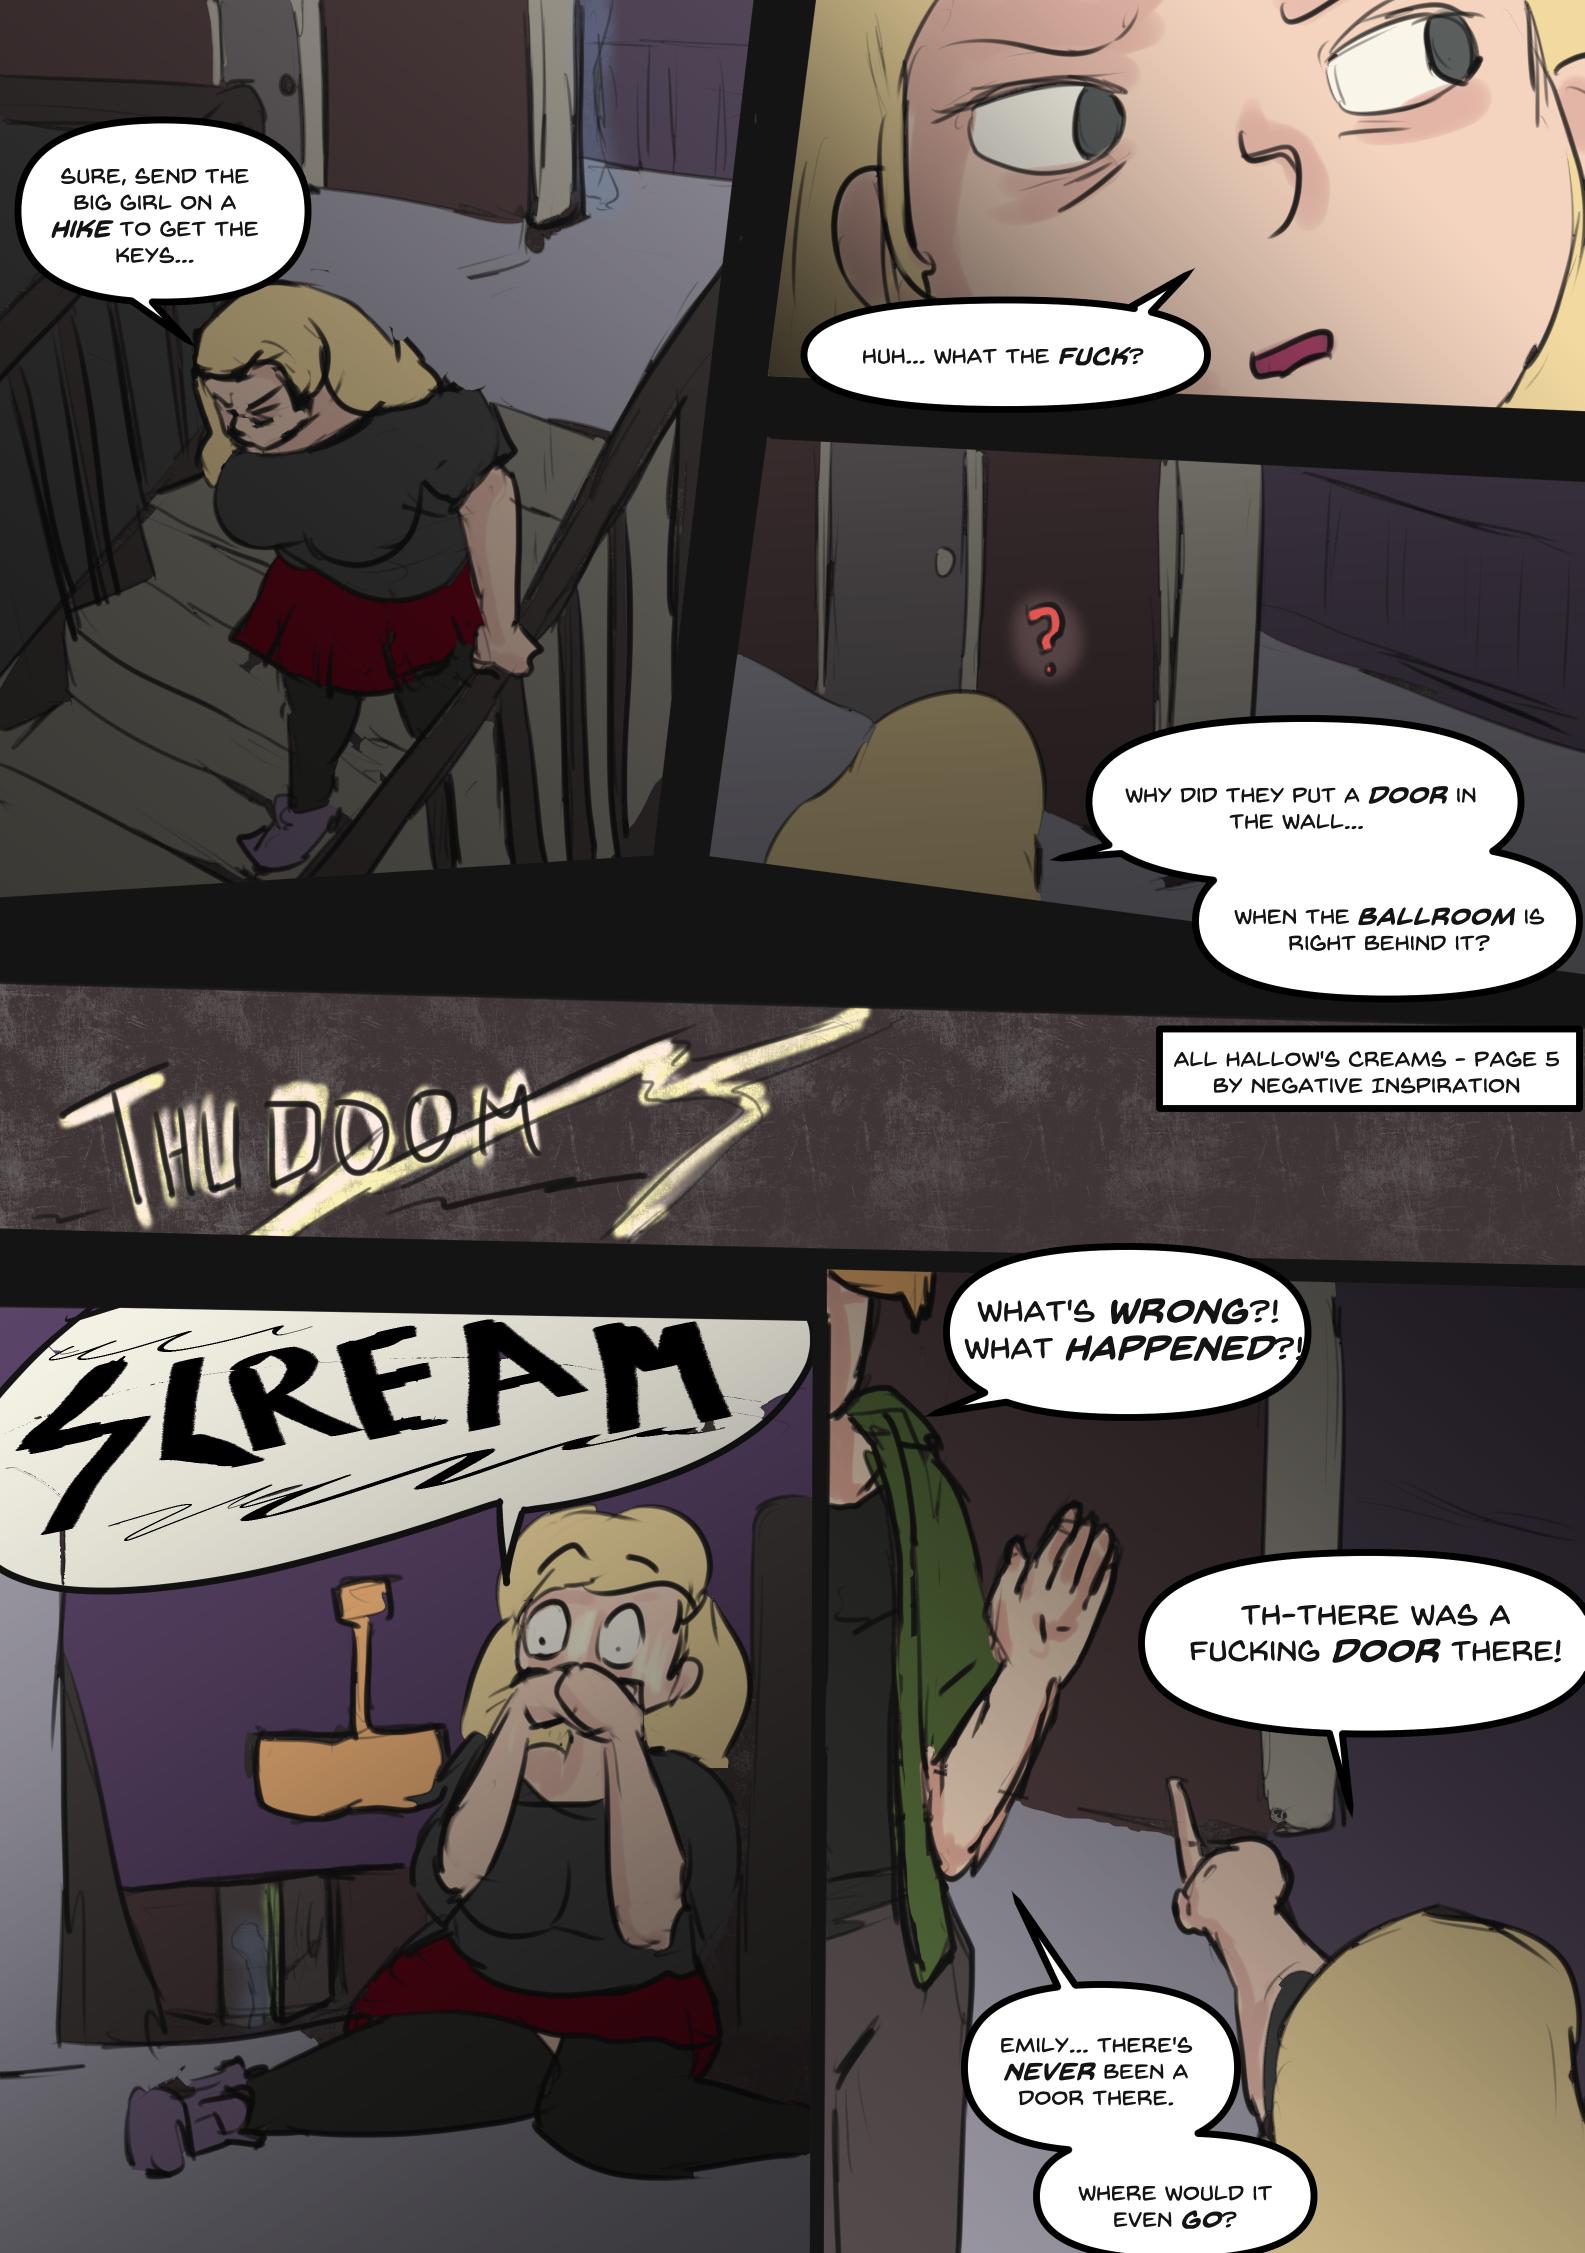 All Hallows Creams - Page 05